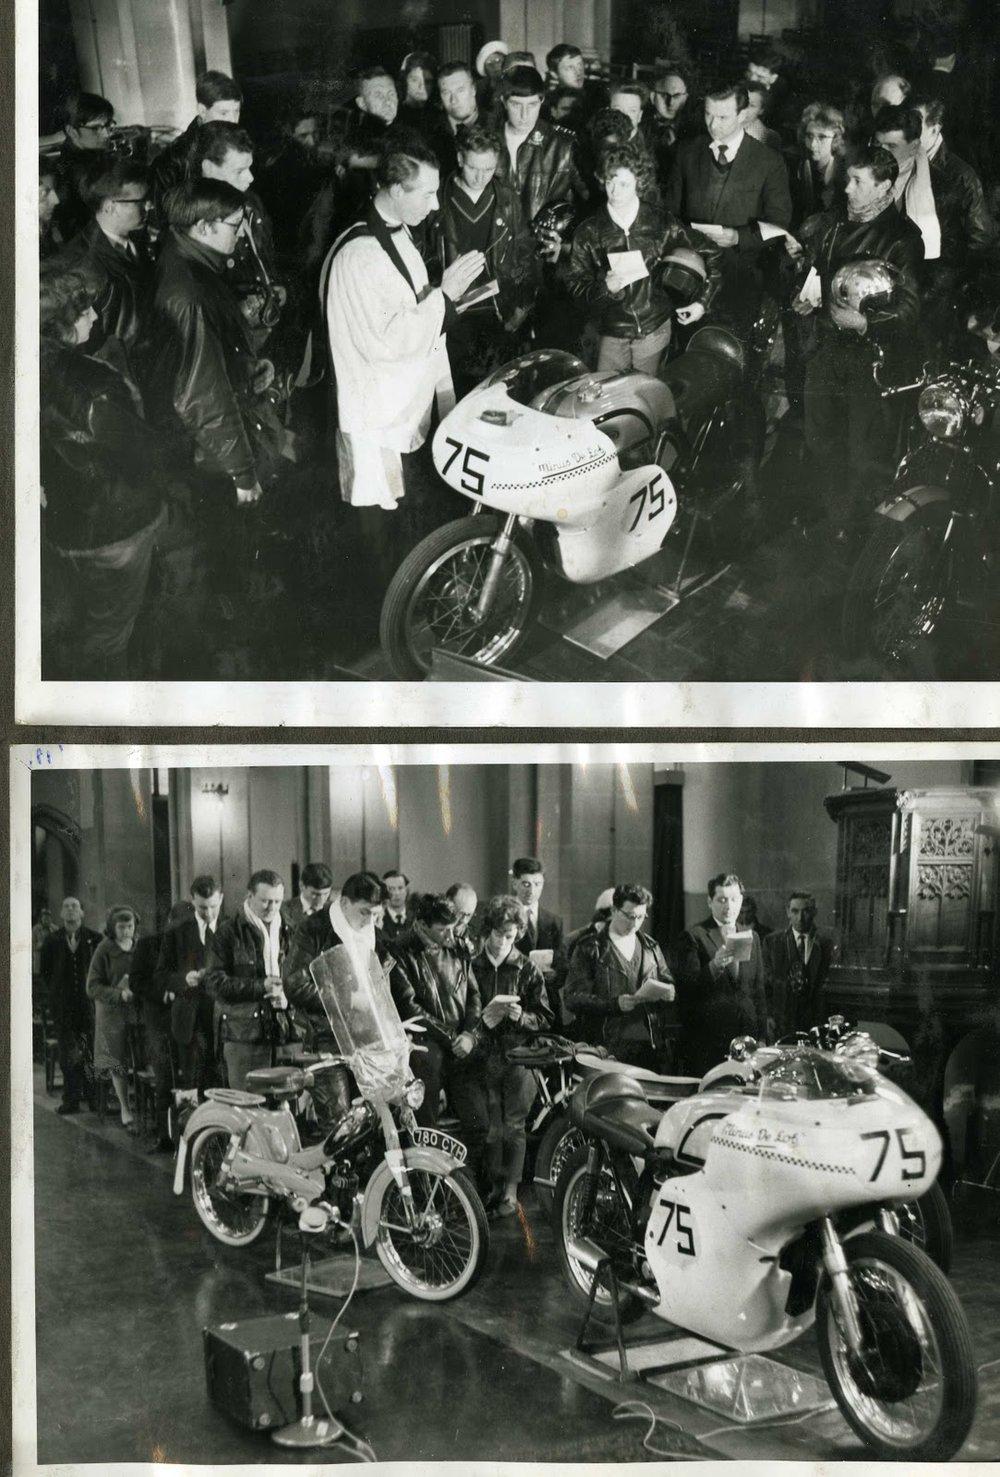 Shergold bendiciendo motocicletas